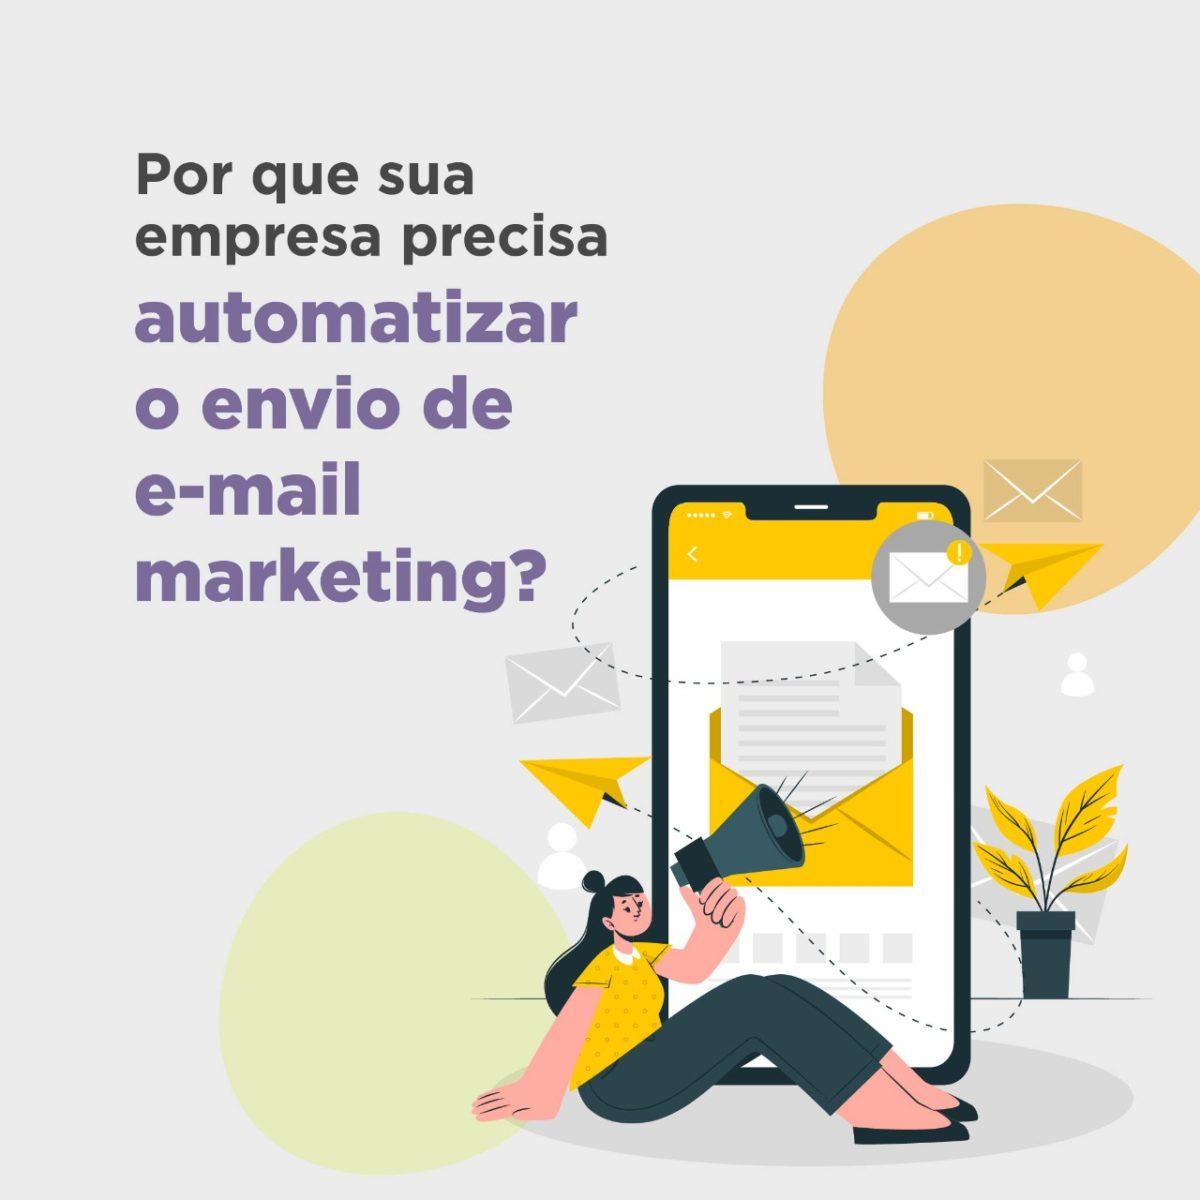 Por que automatizar o envio de e-mail marketing?